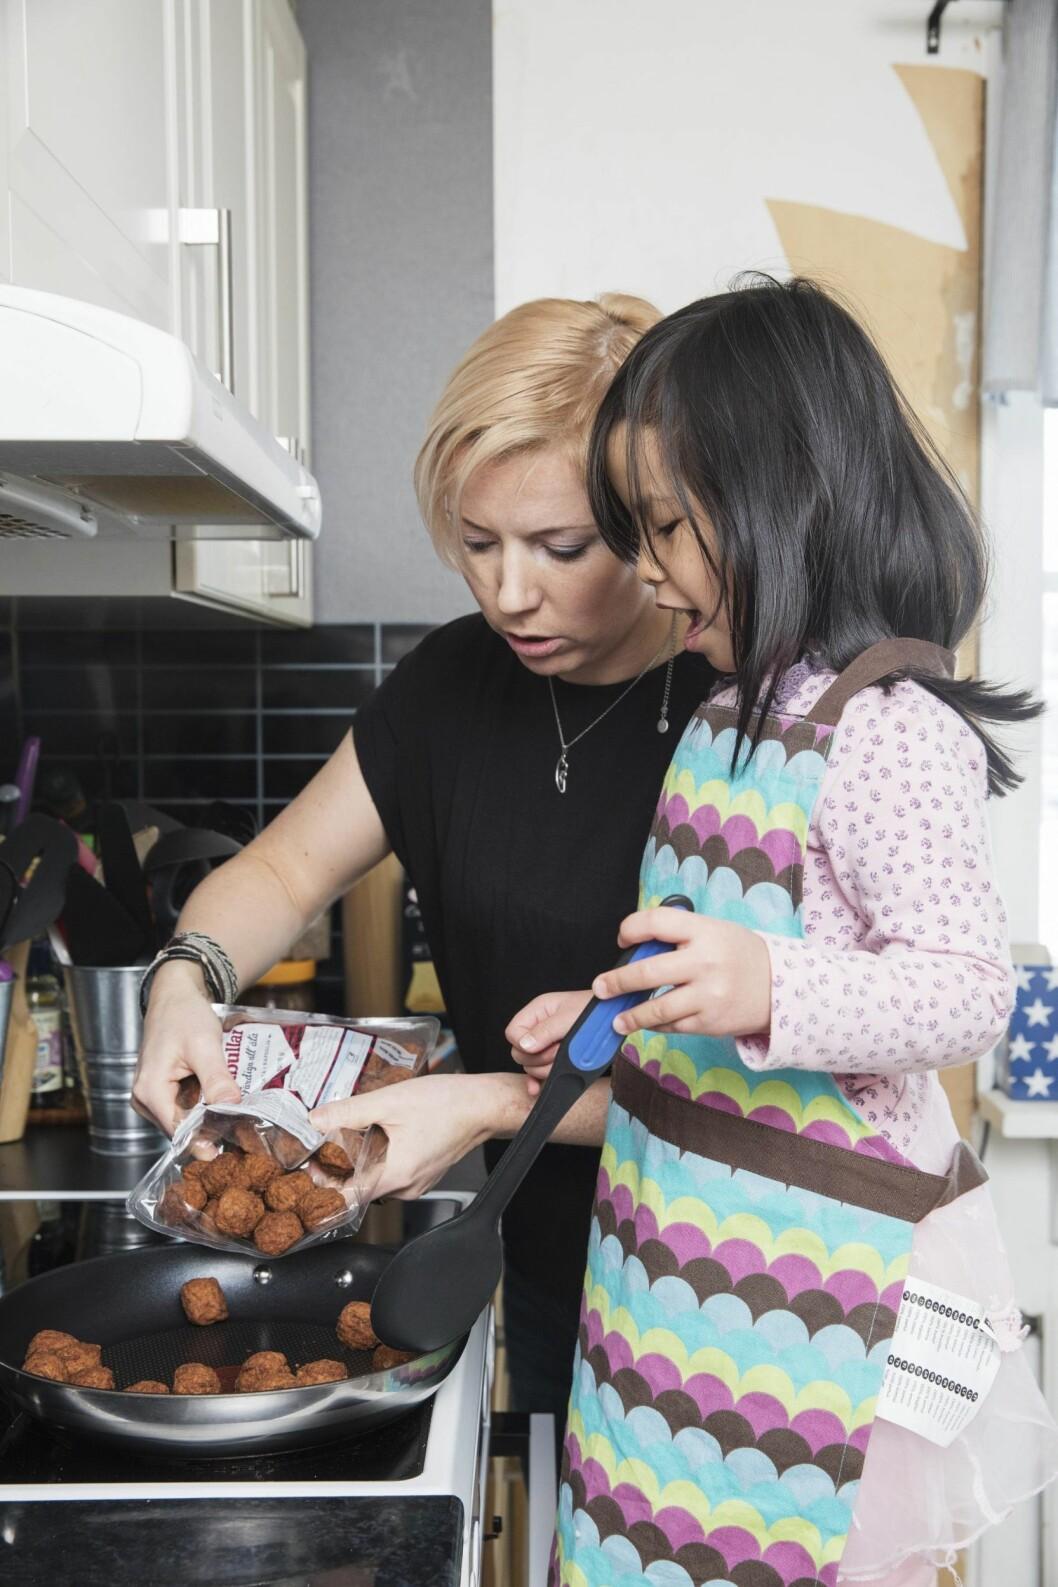 <strong>IVRIG HJELPER:</strong> Linnea, mammas lille kjøkkenskriver, hjelper til å med å røre i stekepannen. Foto: Tomas Bergman/All Over Press